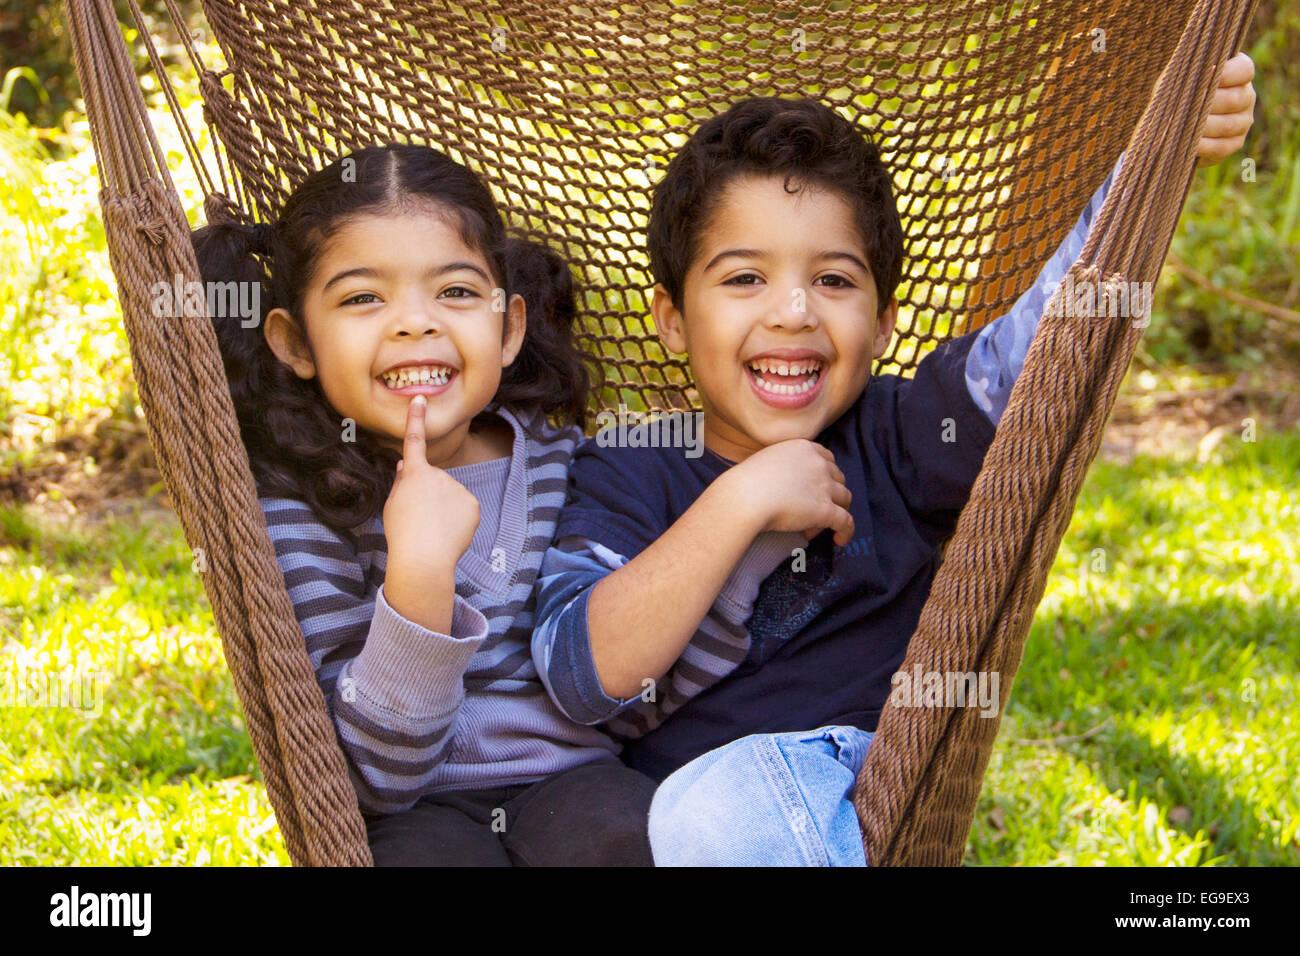 Hermano y hermana gemela sentado en una hamaca tirando funny faces Imagen De Stock